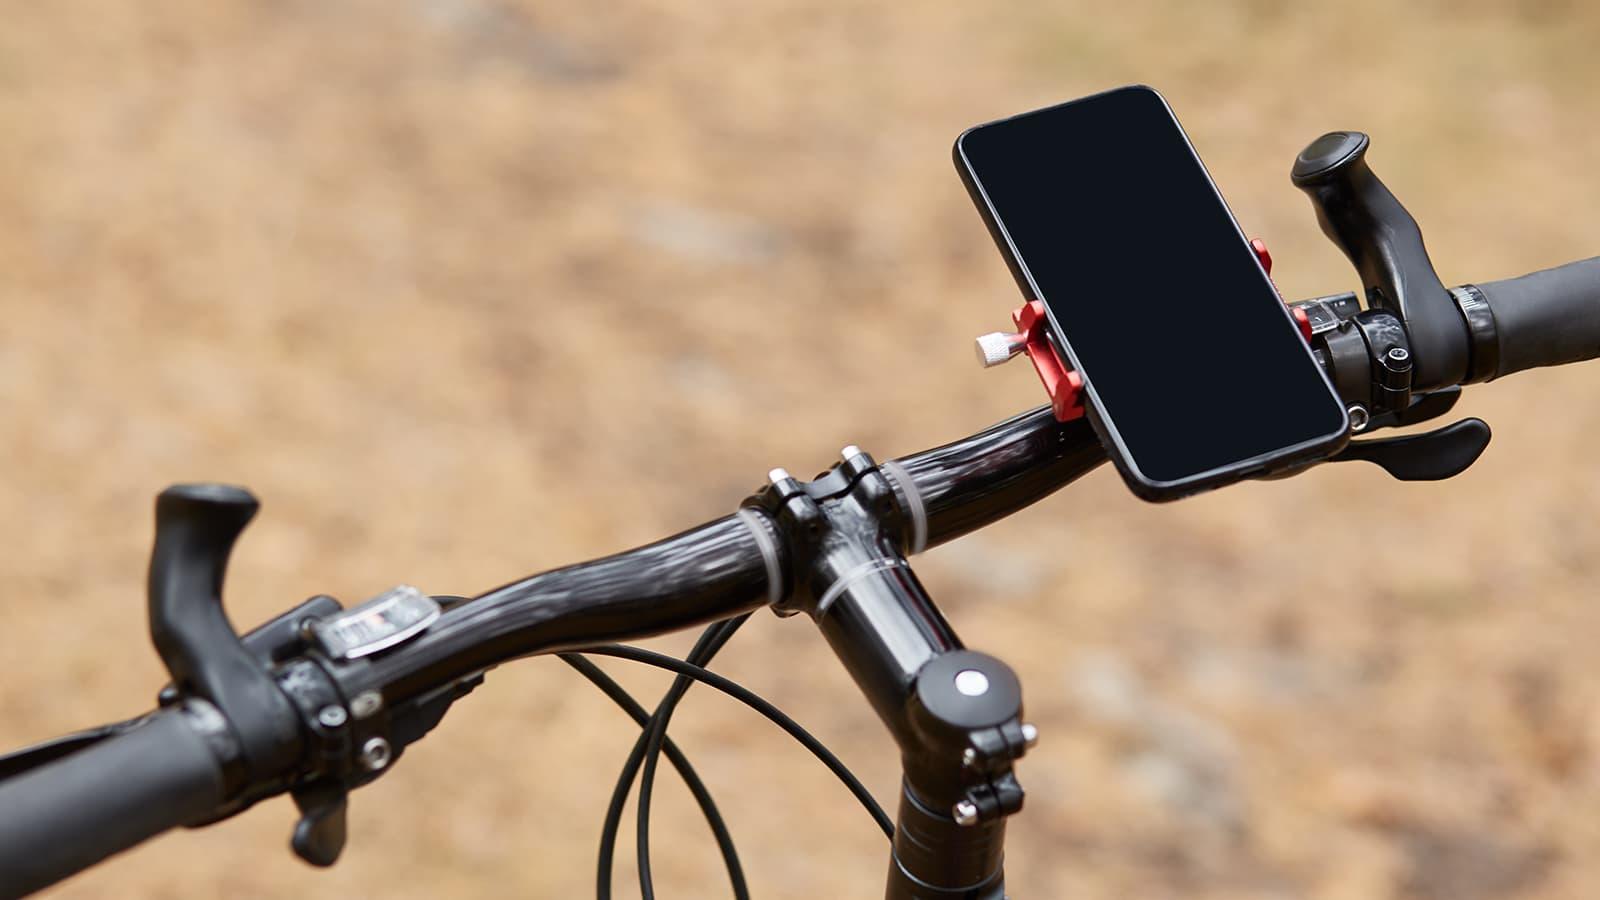 Smartfon, licznik czy komputer rowerowy? Co zakładasz na kierownicę swojego roweru?